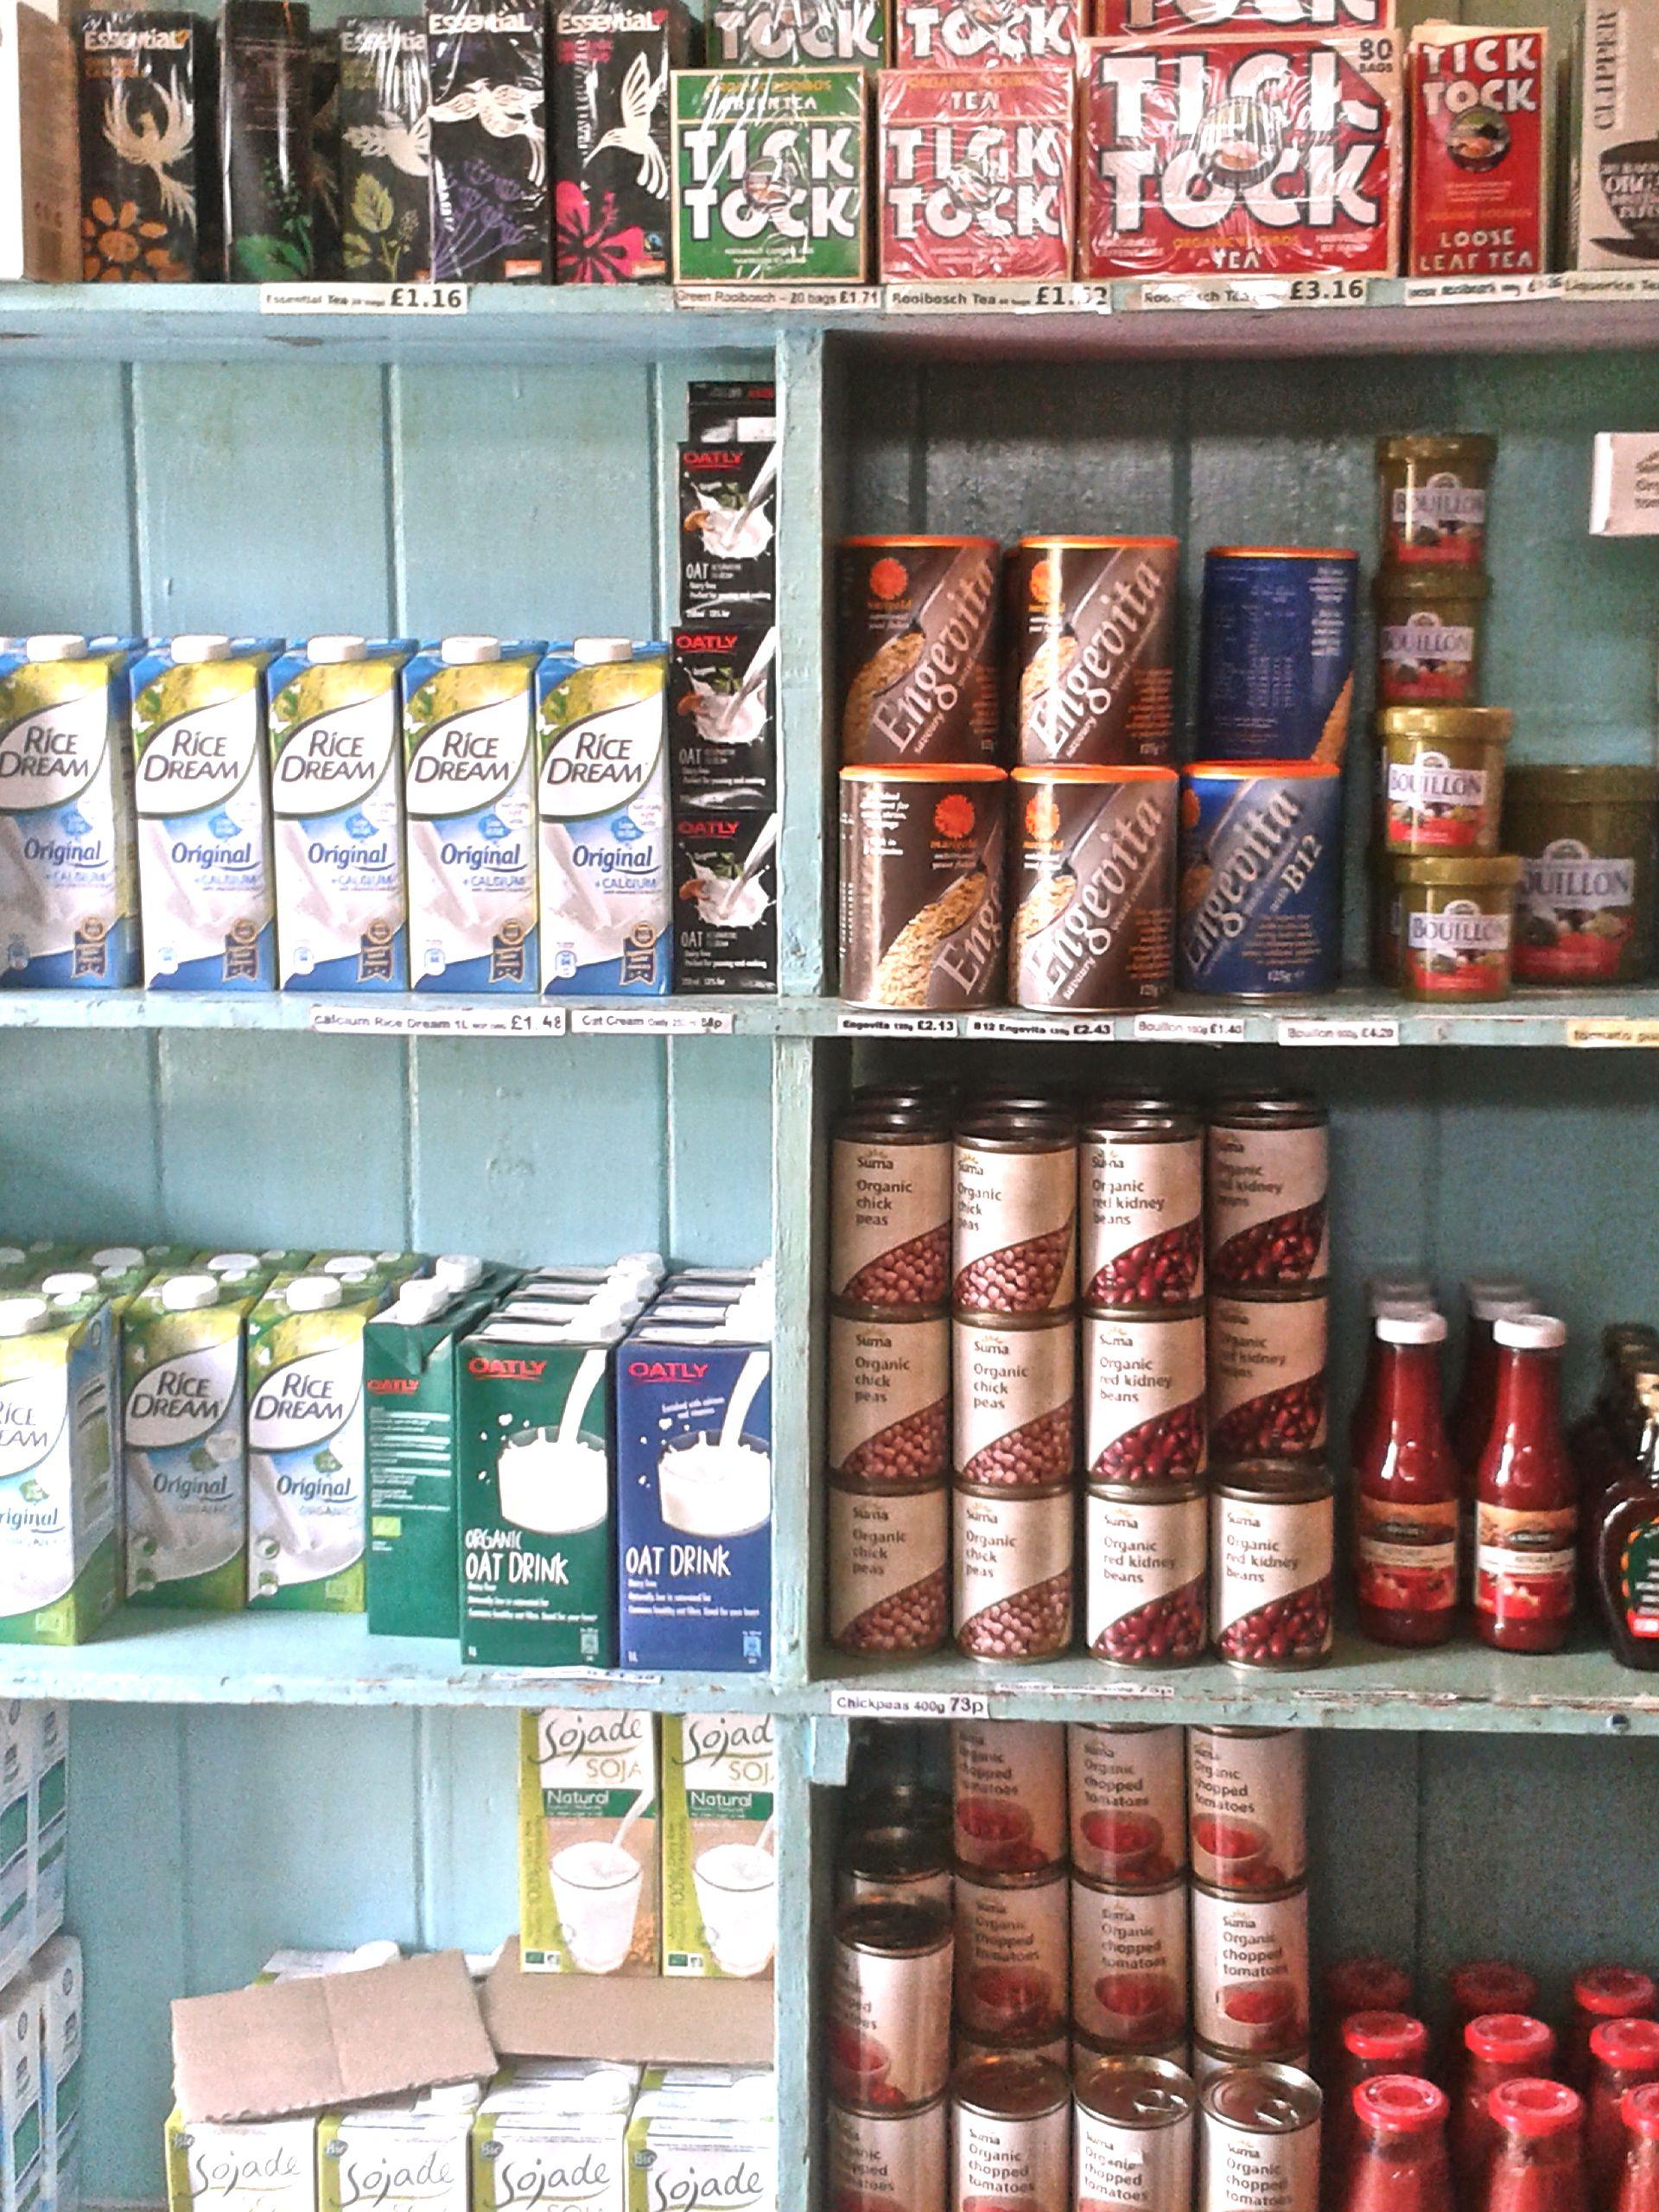 Vegan pantry items